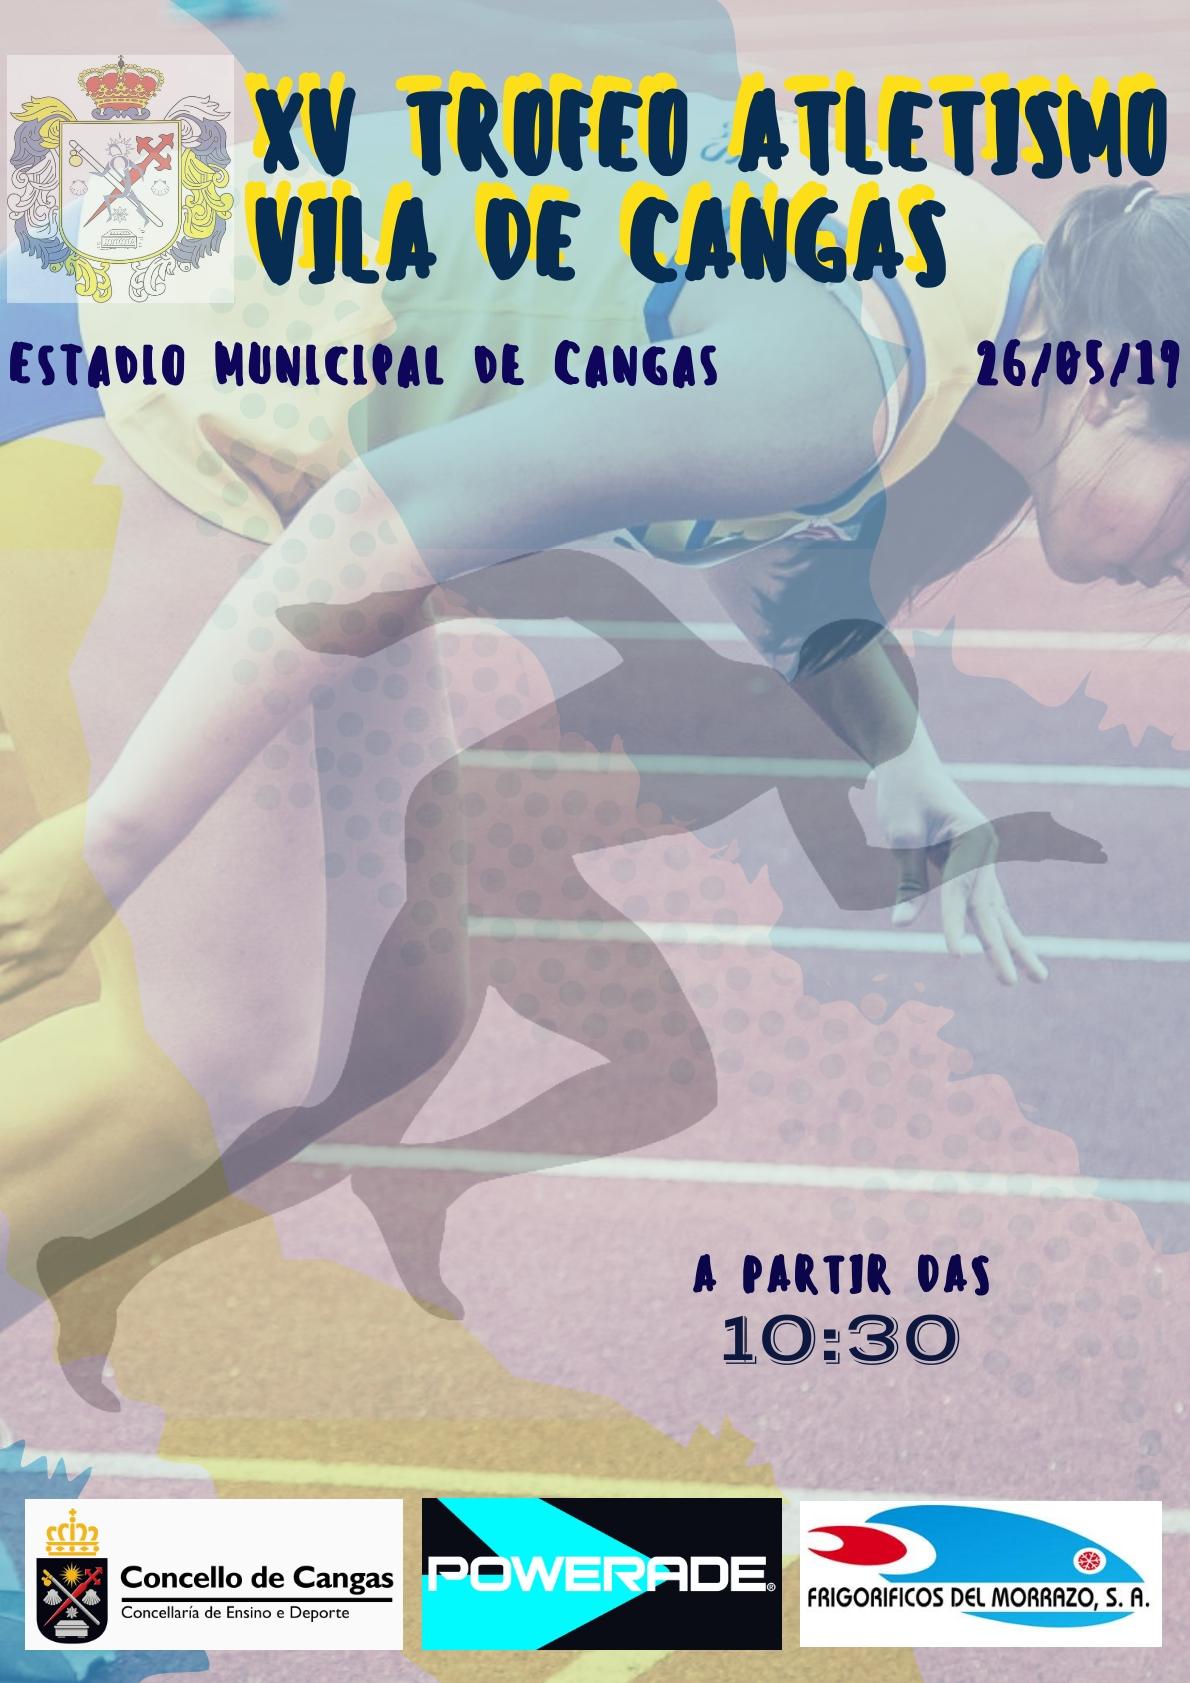 XV Trofeo Vila de Cangas de Atletismo en Pista